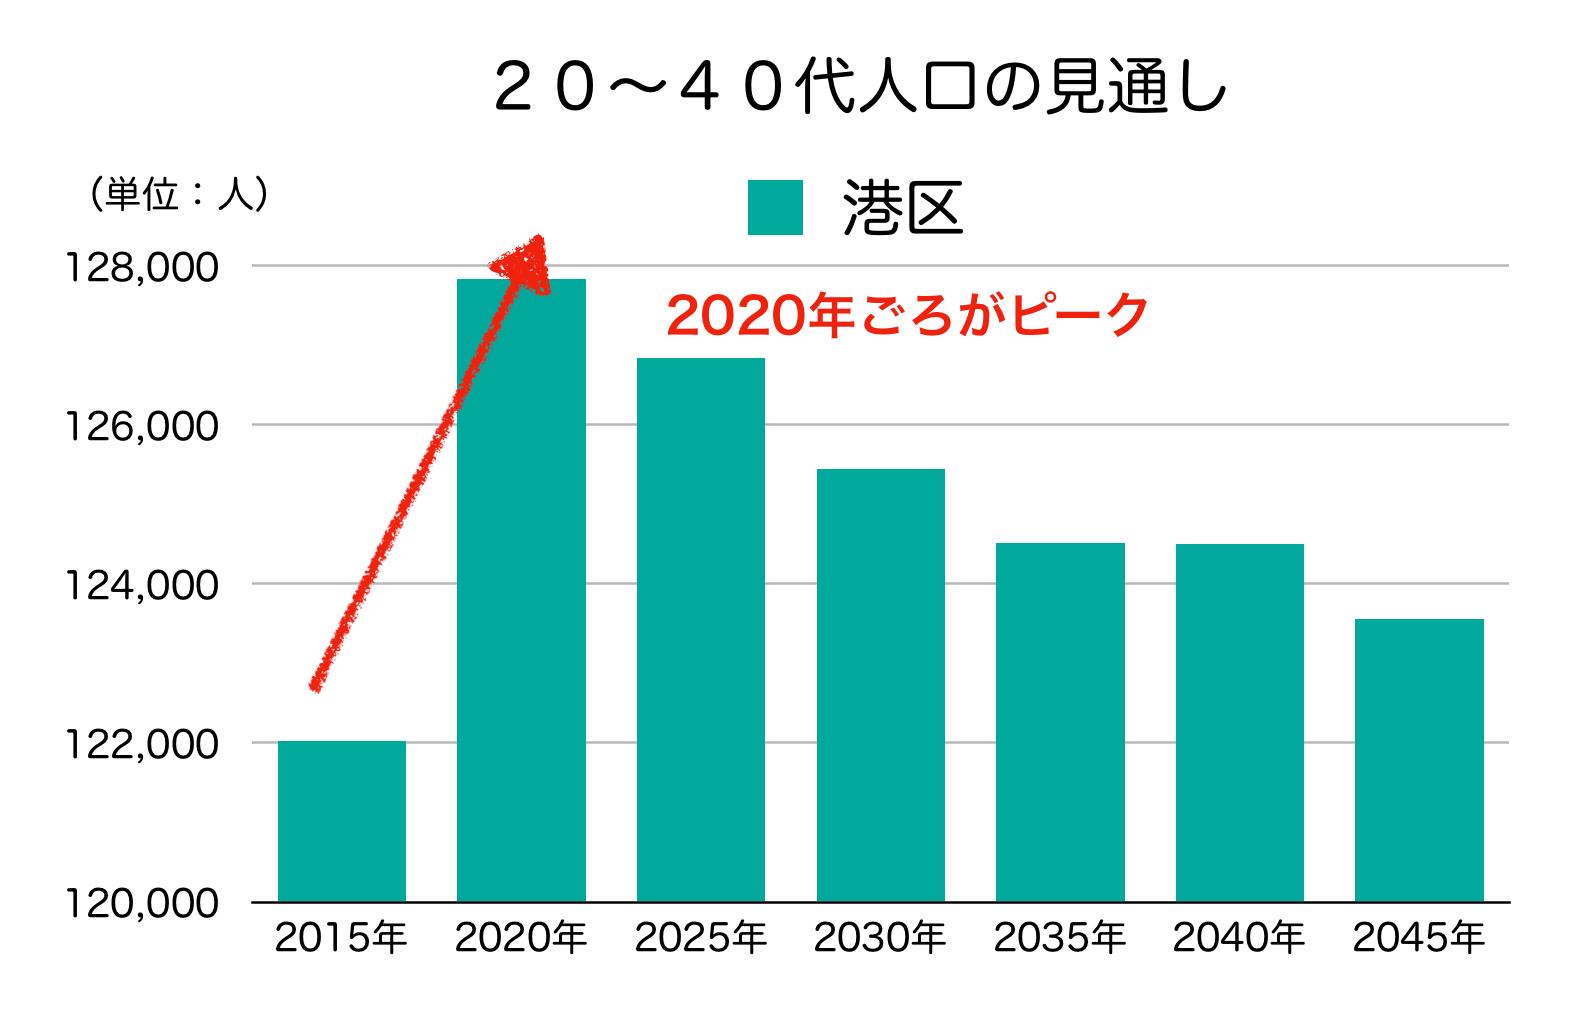 港区の20〜40代人口の予測